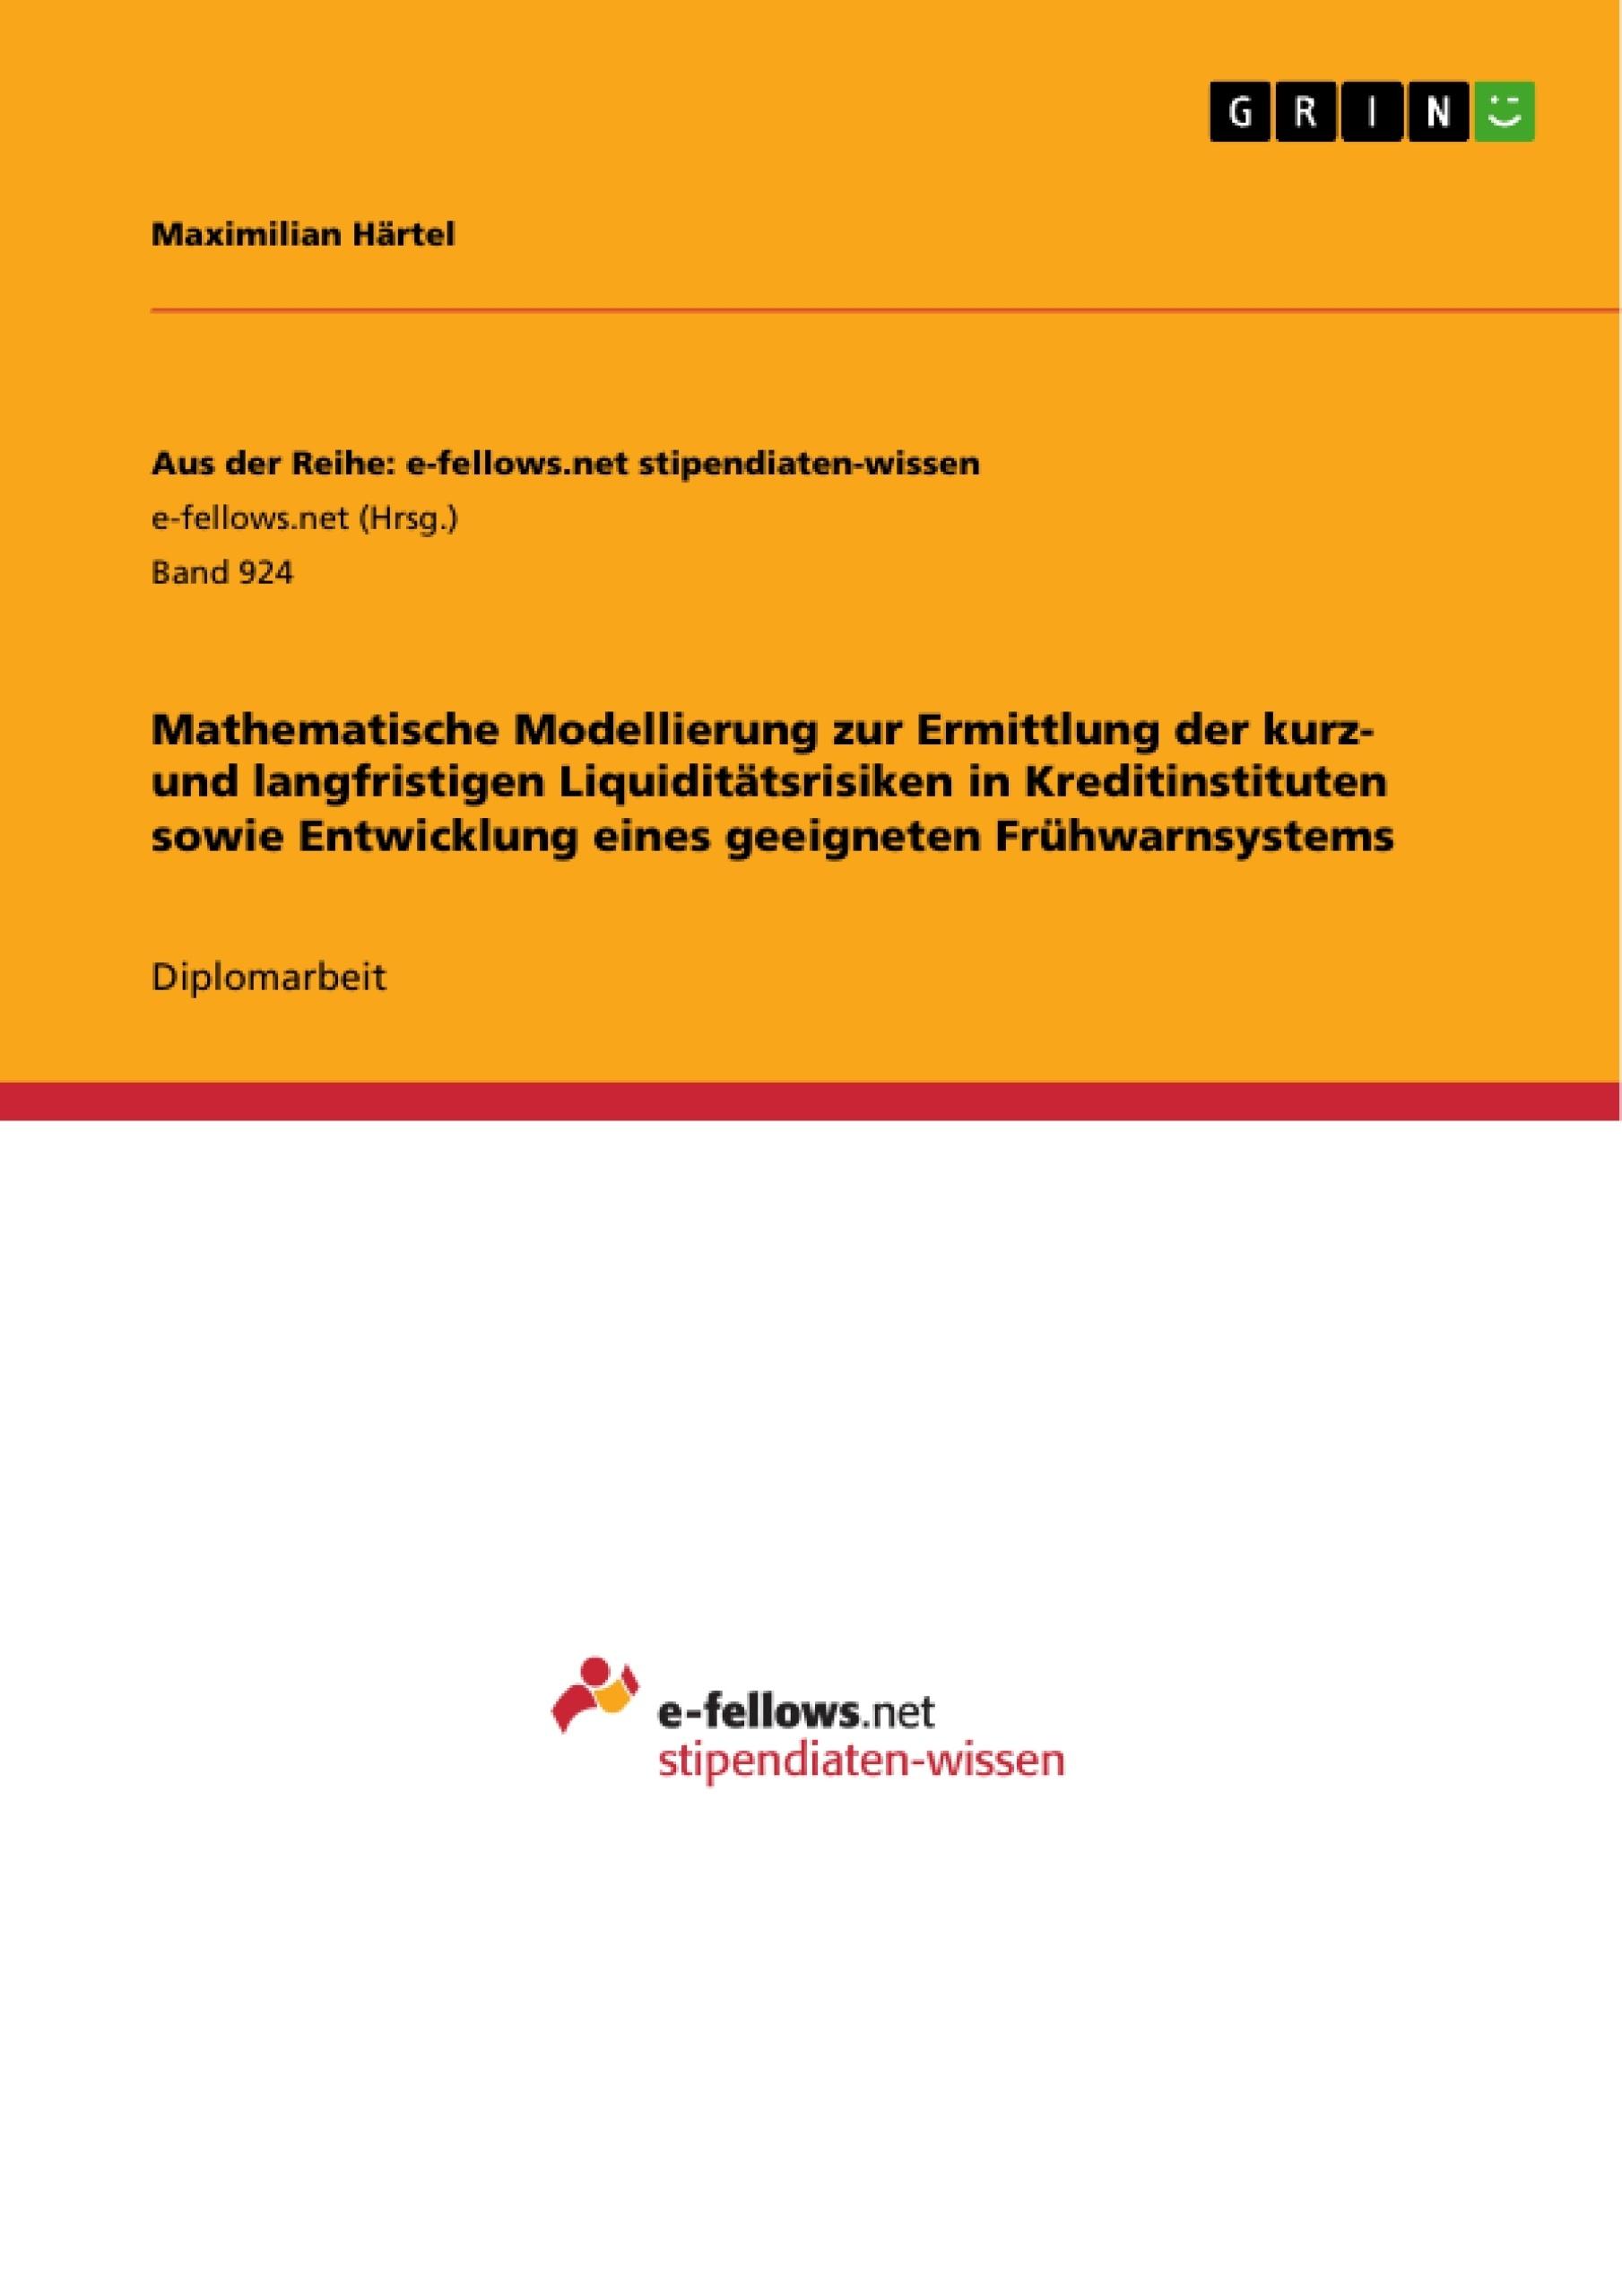 Titel: Mathematische Modellierung zur Ermittlung der kurz- und langfristigen Liquiditätsrisiken in Kreditinstituten sowie Entwicklung eines geeigneten Frühwarnsystems